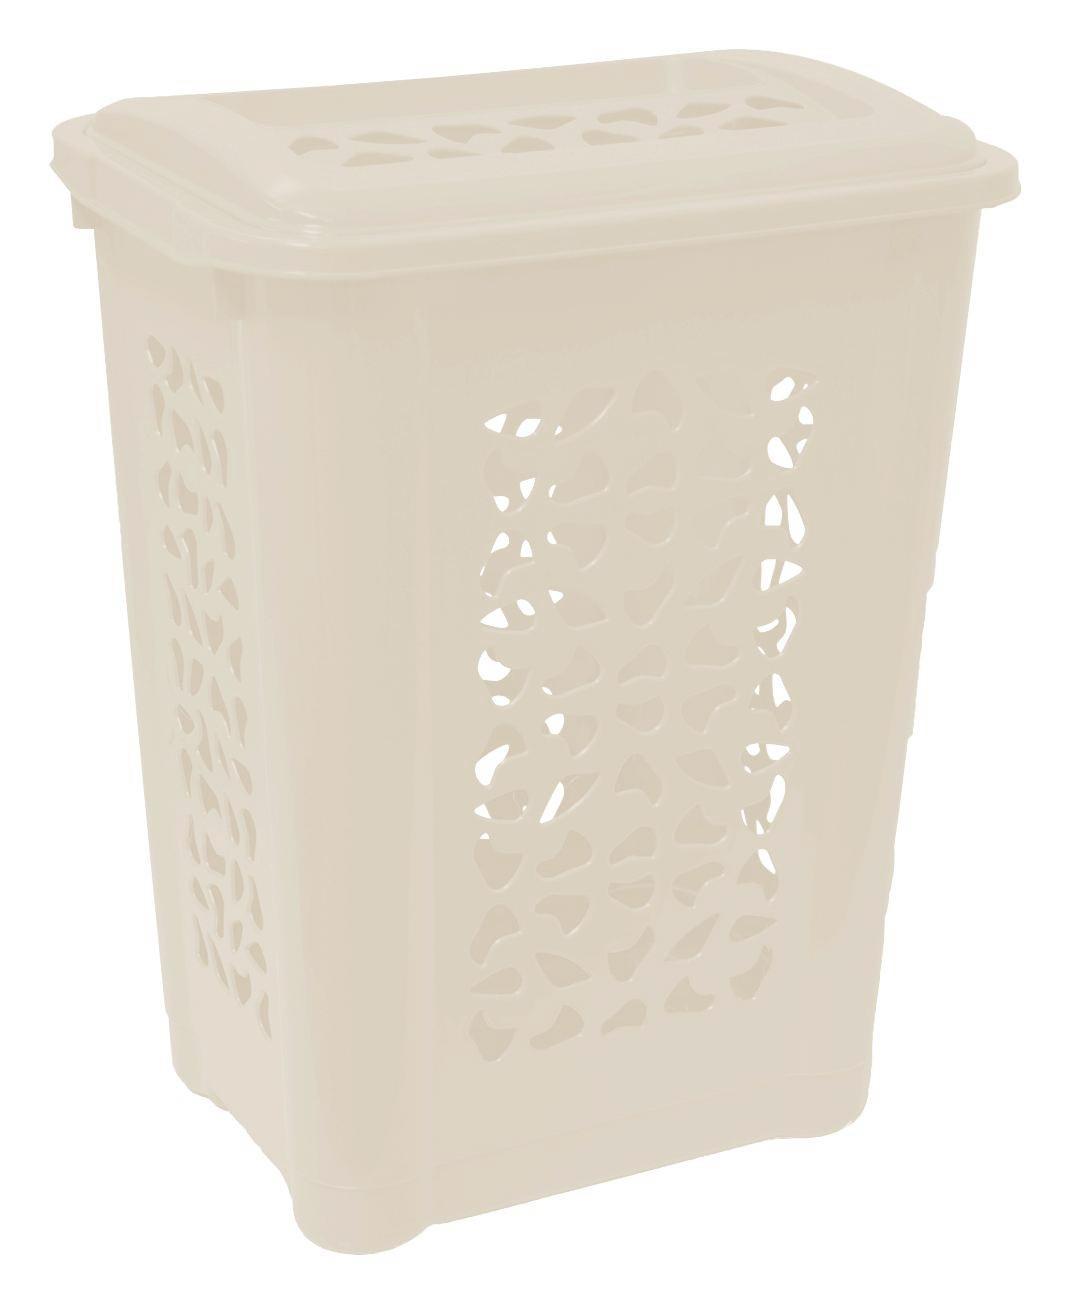 Wäschetonne Per, 60 Liter - Creme, KONVENTIONELL, Kunststoff (60/34/45cm)